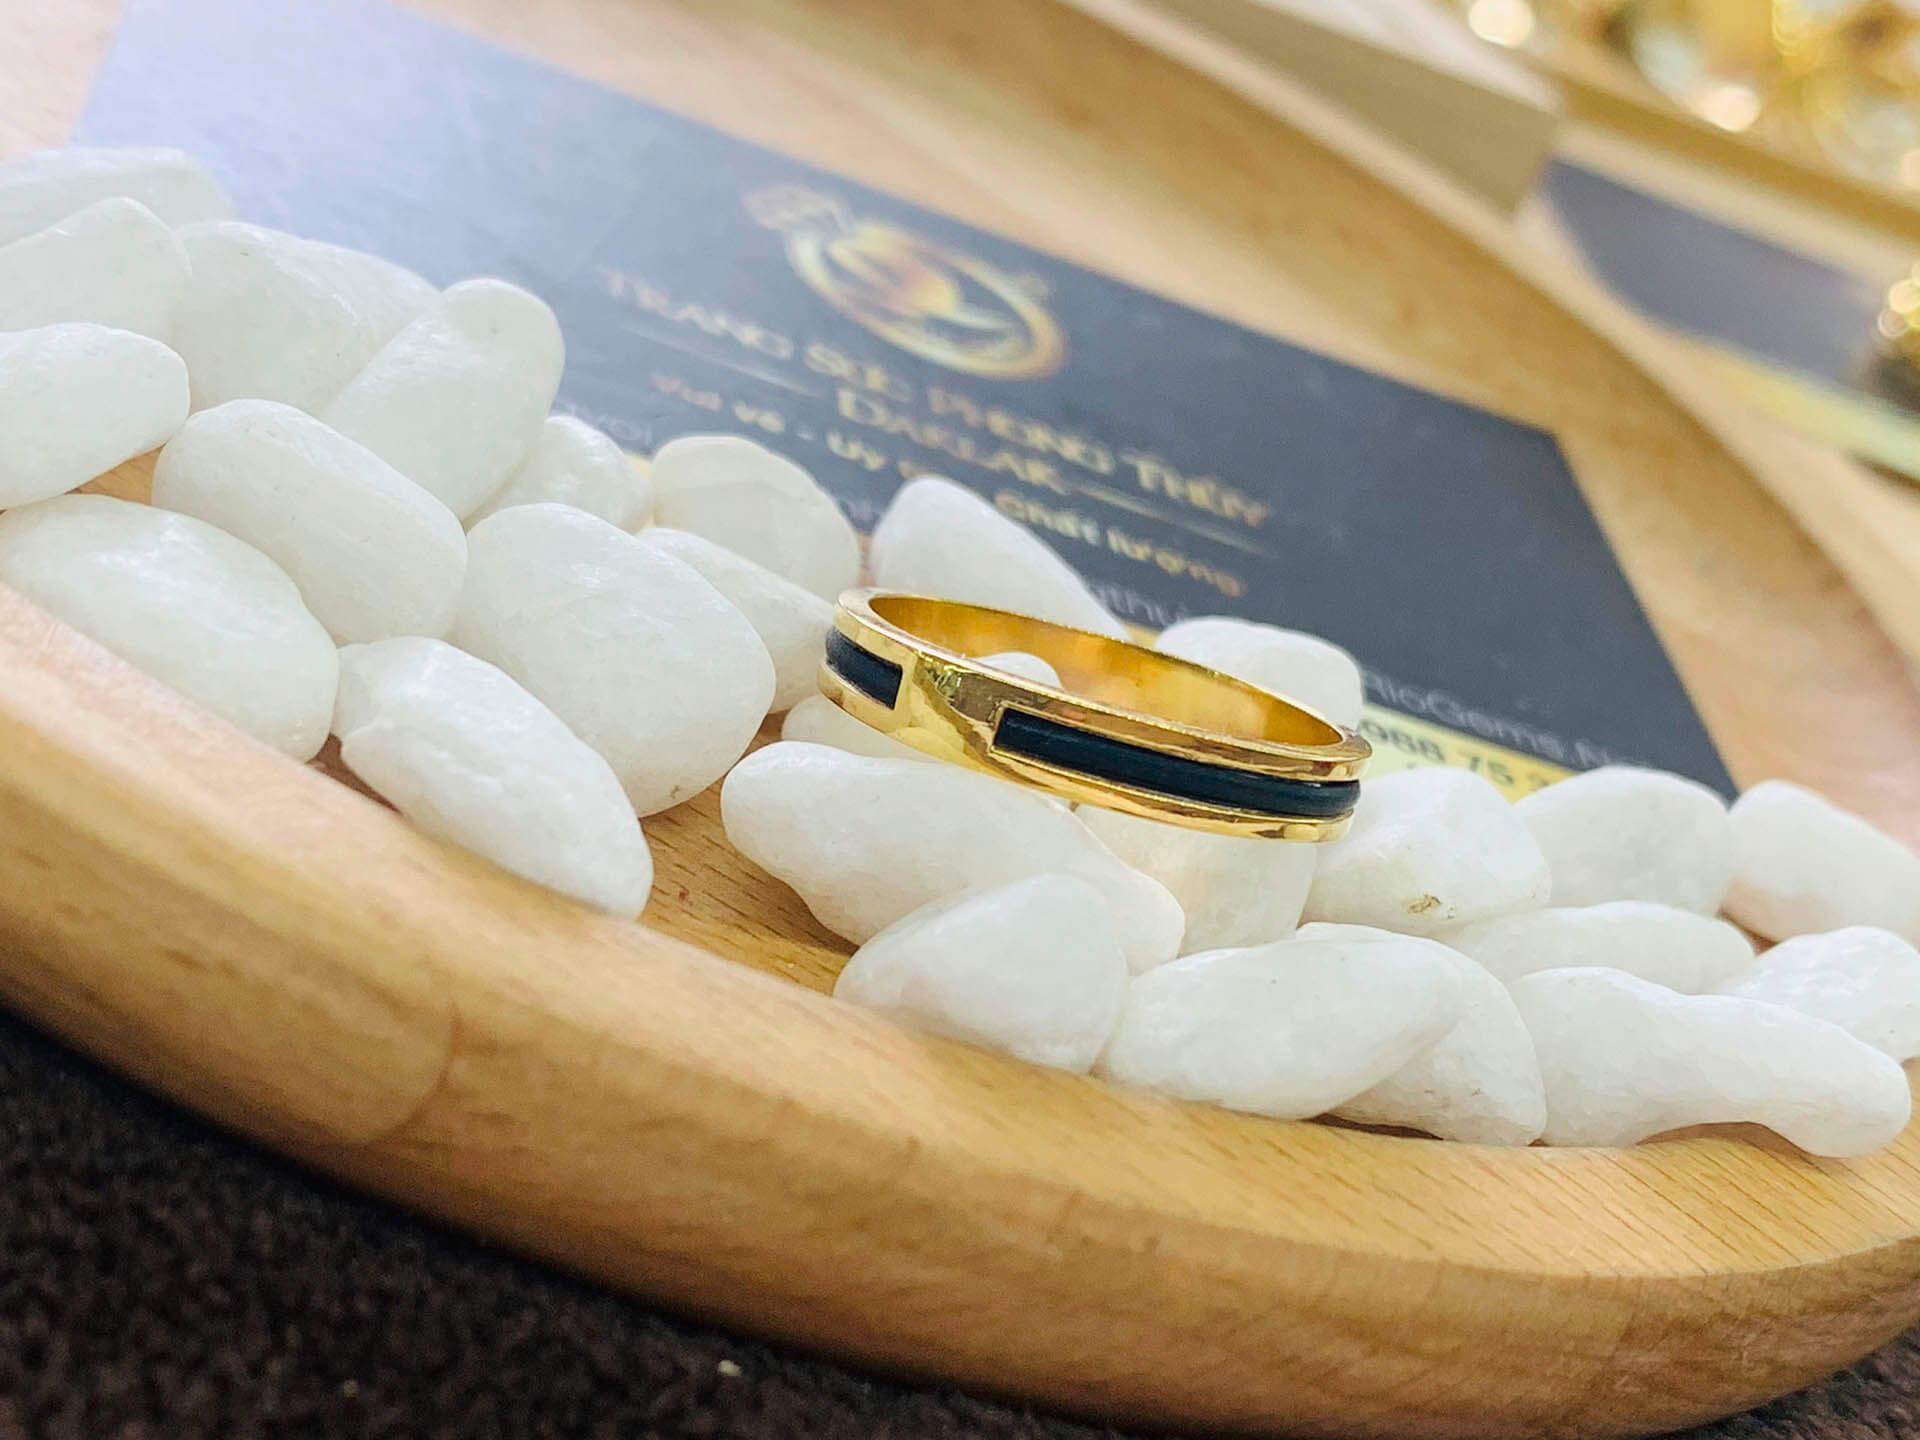 Nhẫn nữ vàng đeo ngón trỏ luồng 1 sợi lông voi thiết kế lạ lẫm